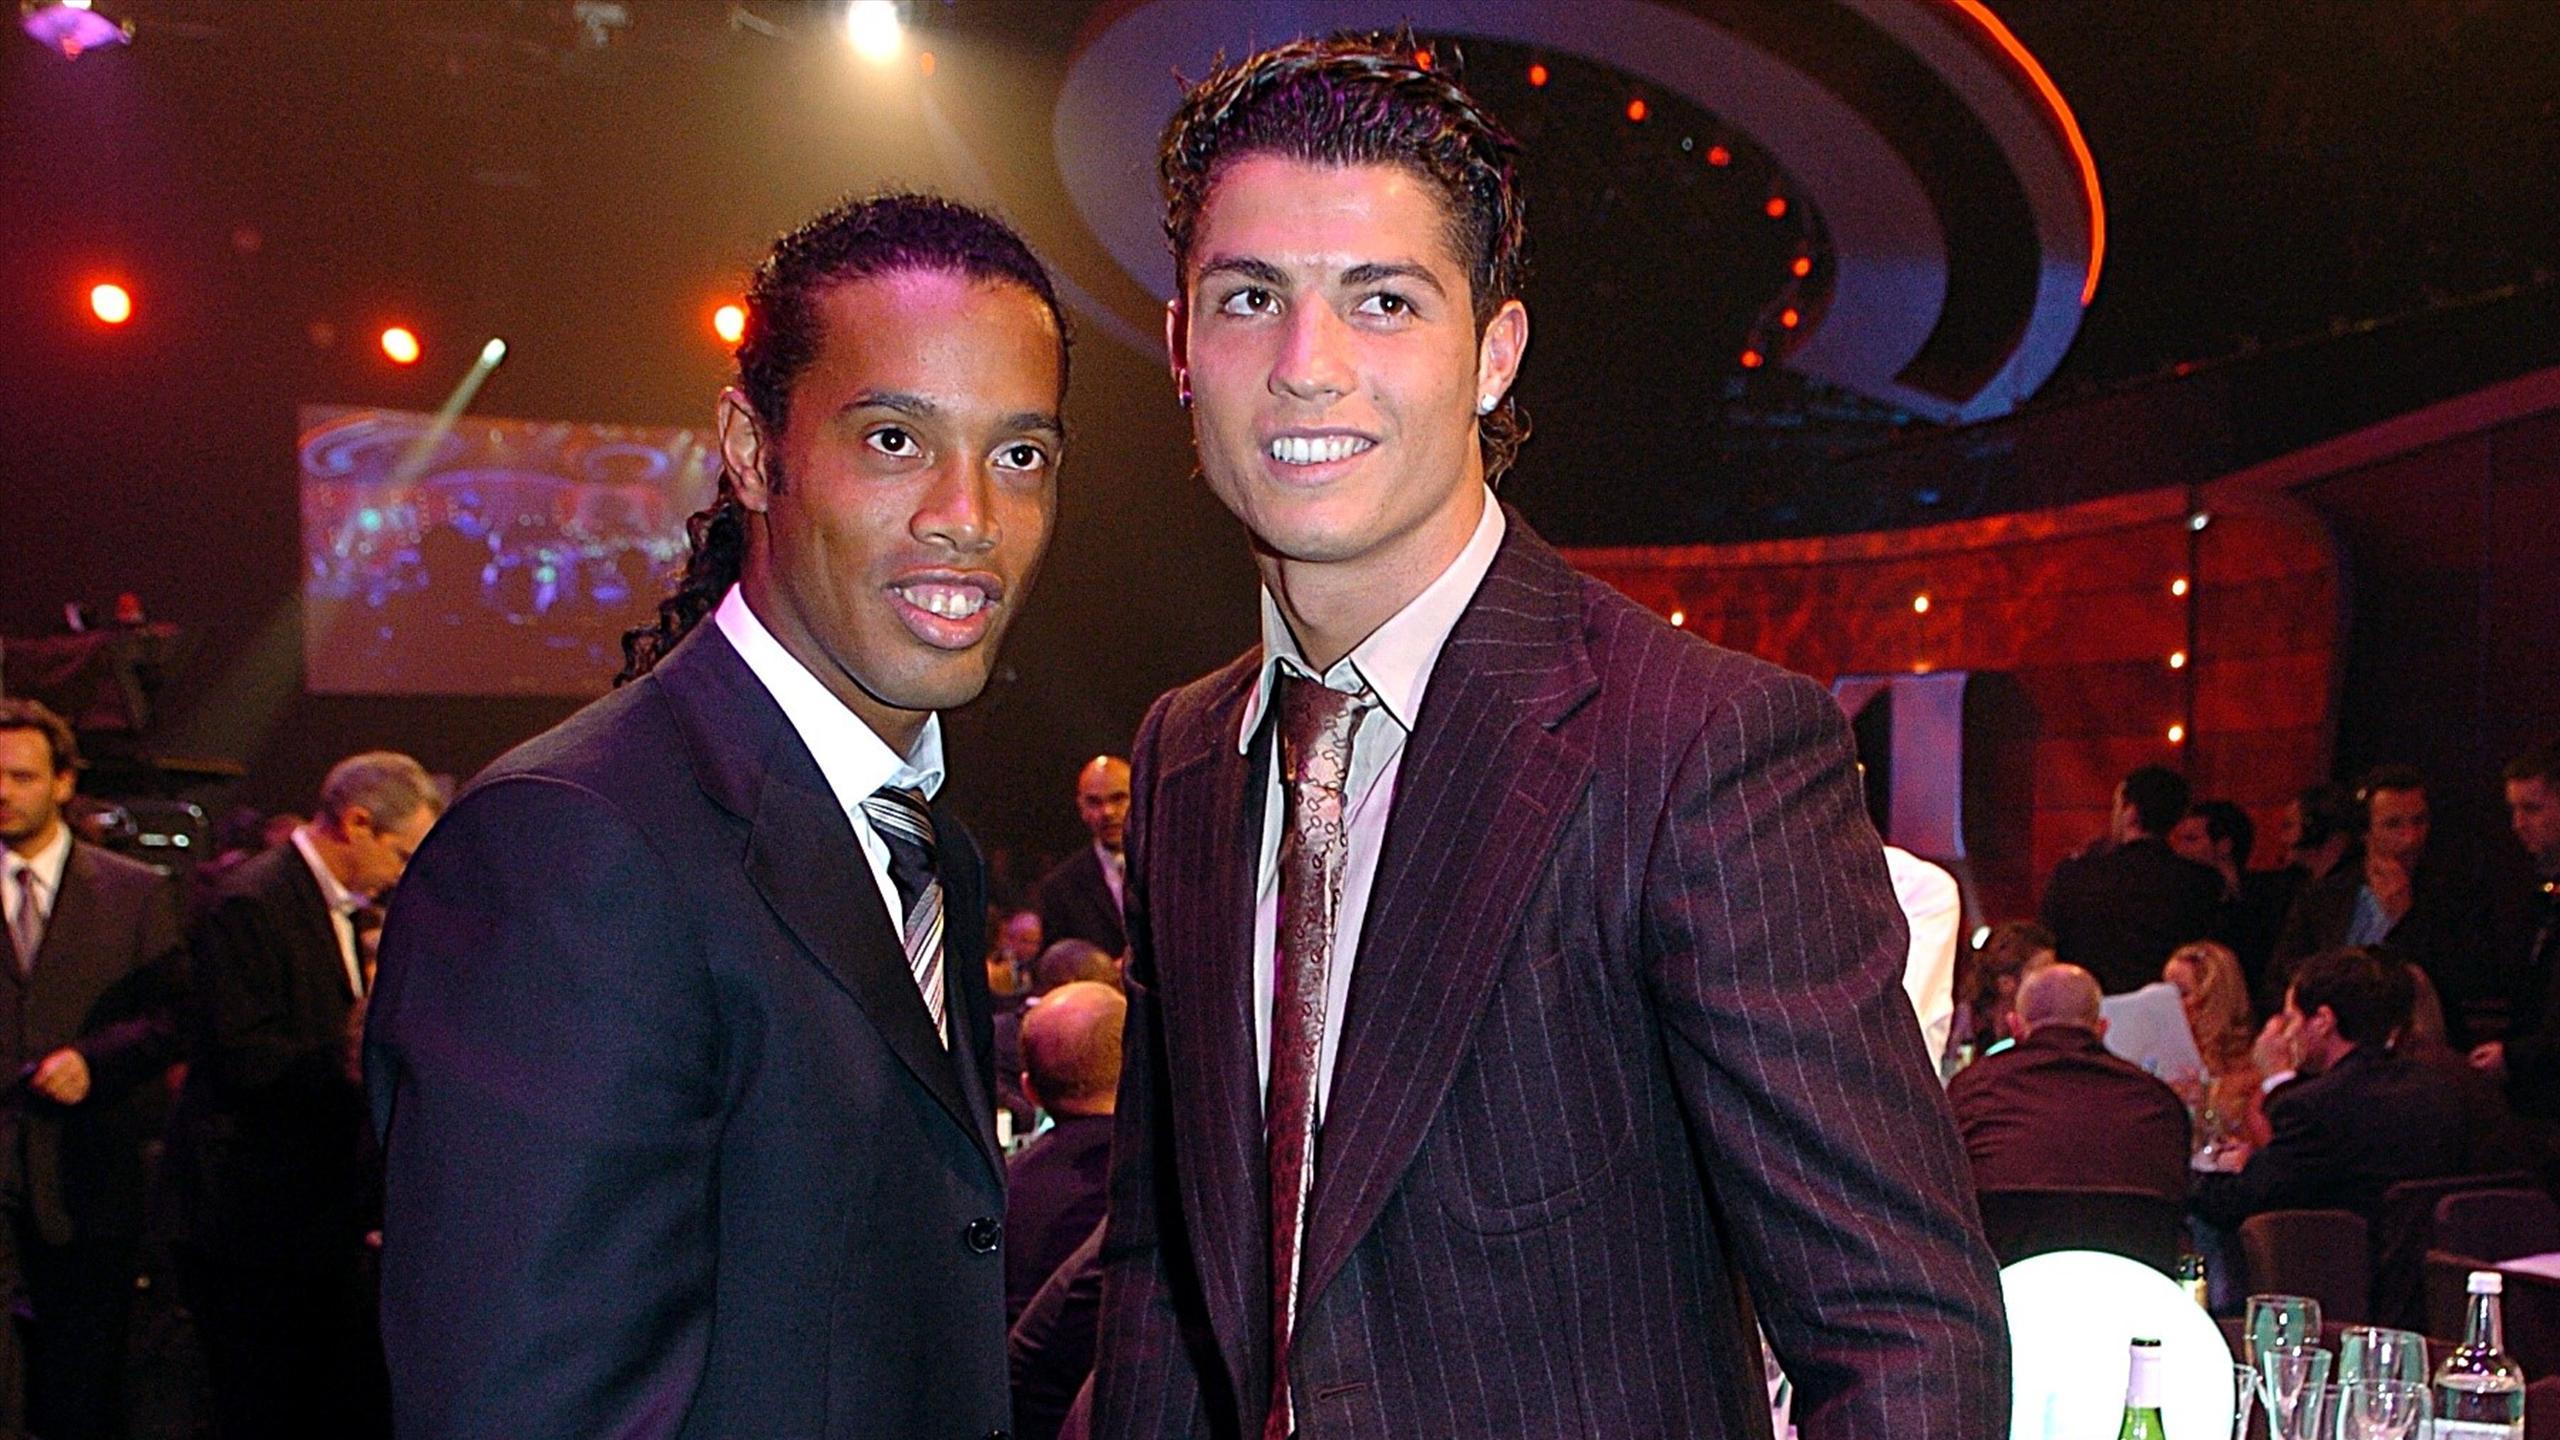 Ronaldinho and Cristiano Ronaldo